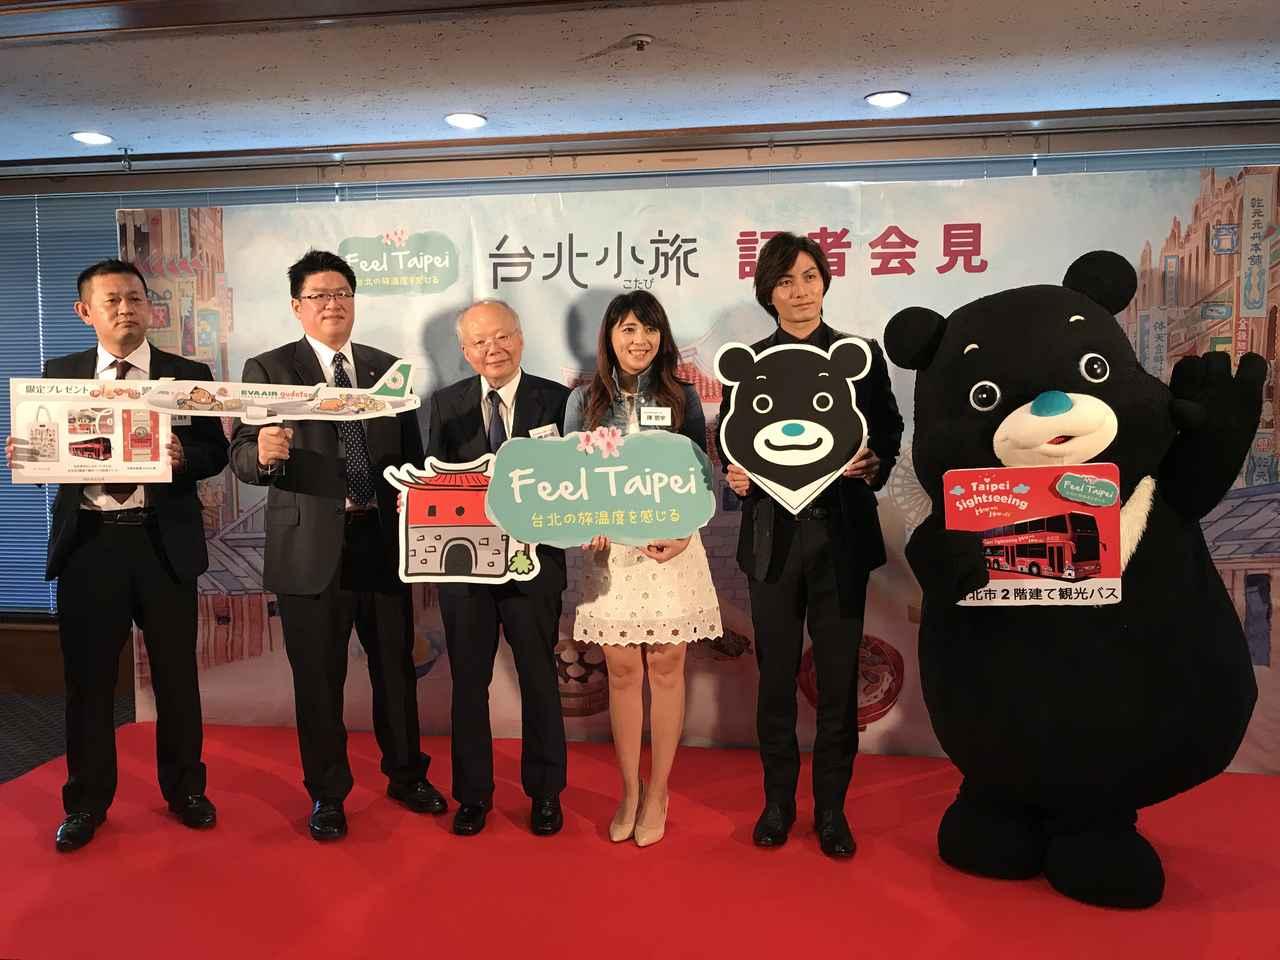 画像2: 加藤和樹さんが台北観光大使に就任!「2018 Feel Taipei ~台北の旅温度を感じる~」記者会見